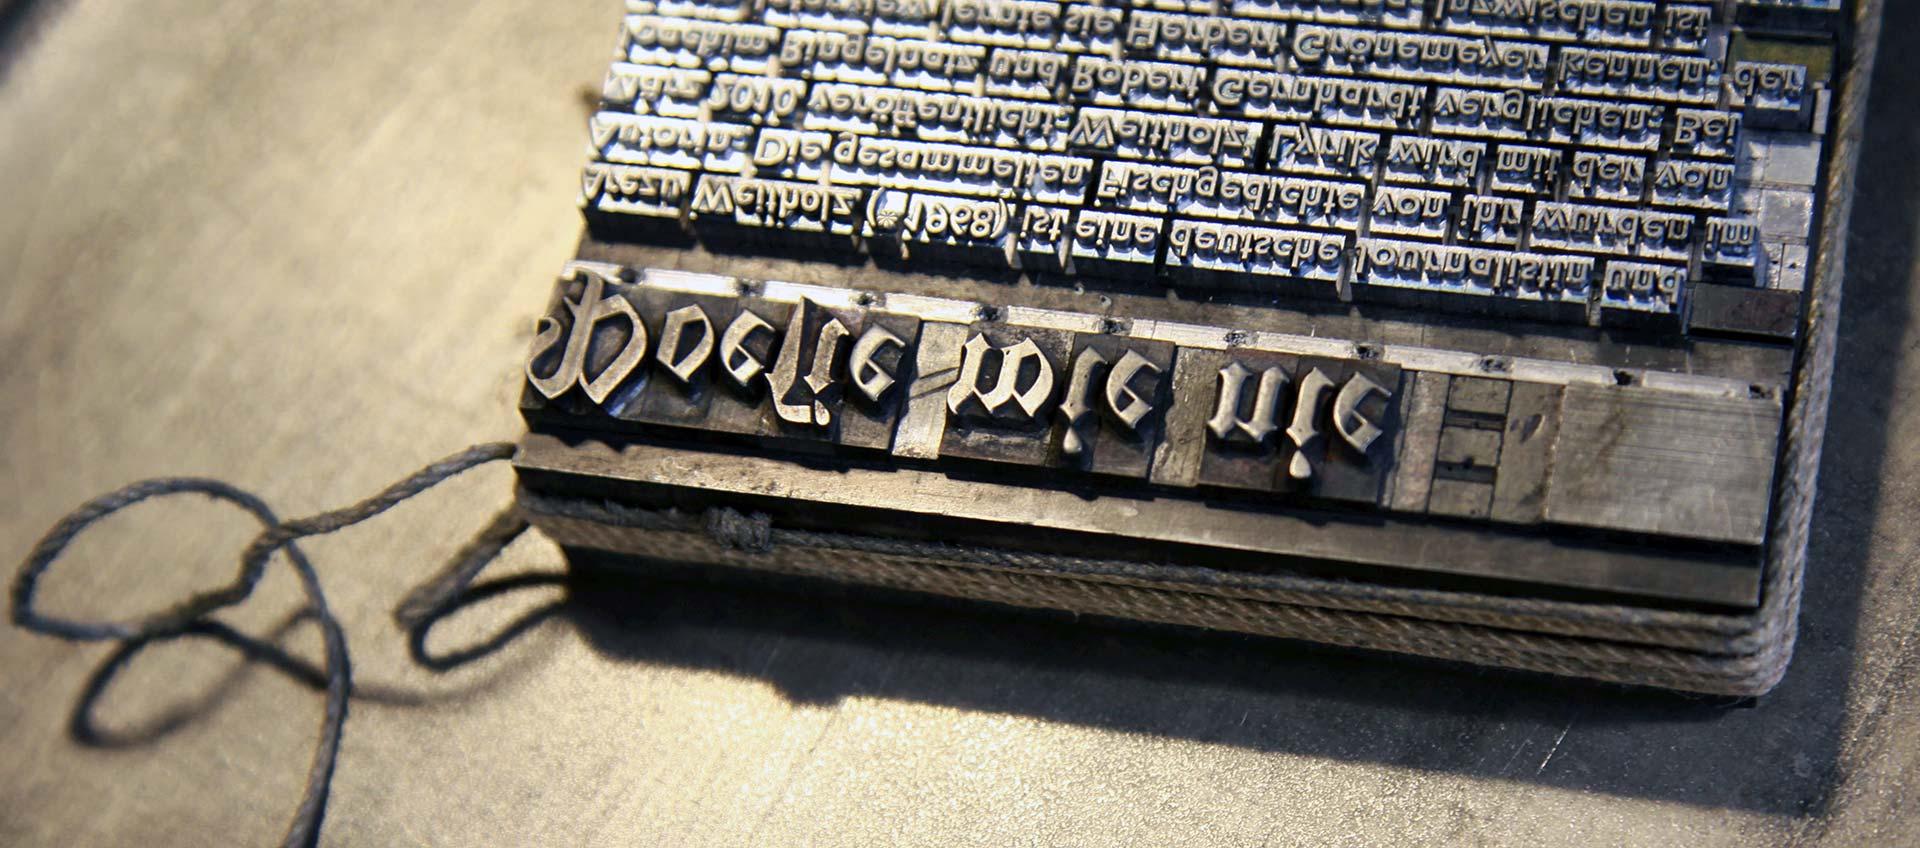 Poesie wie nie - Buchdruckkunst